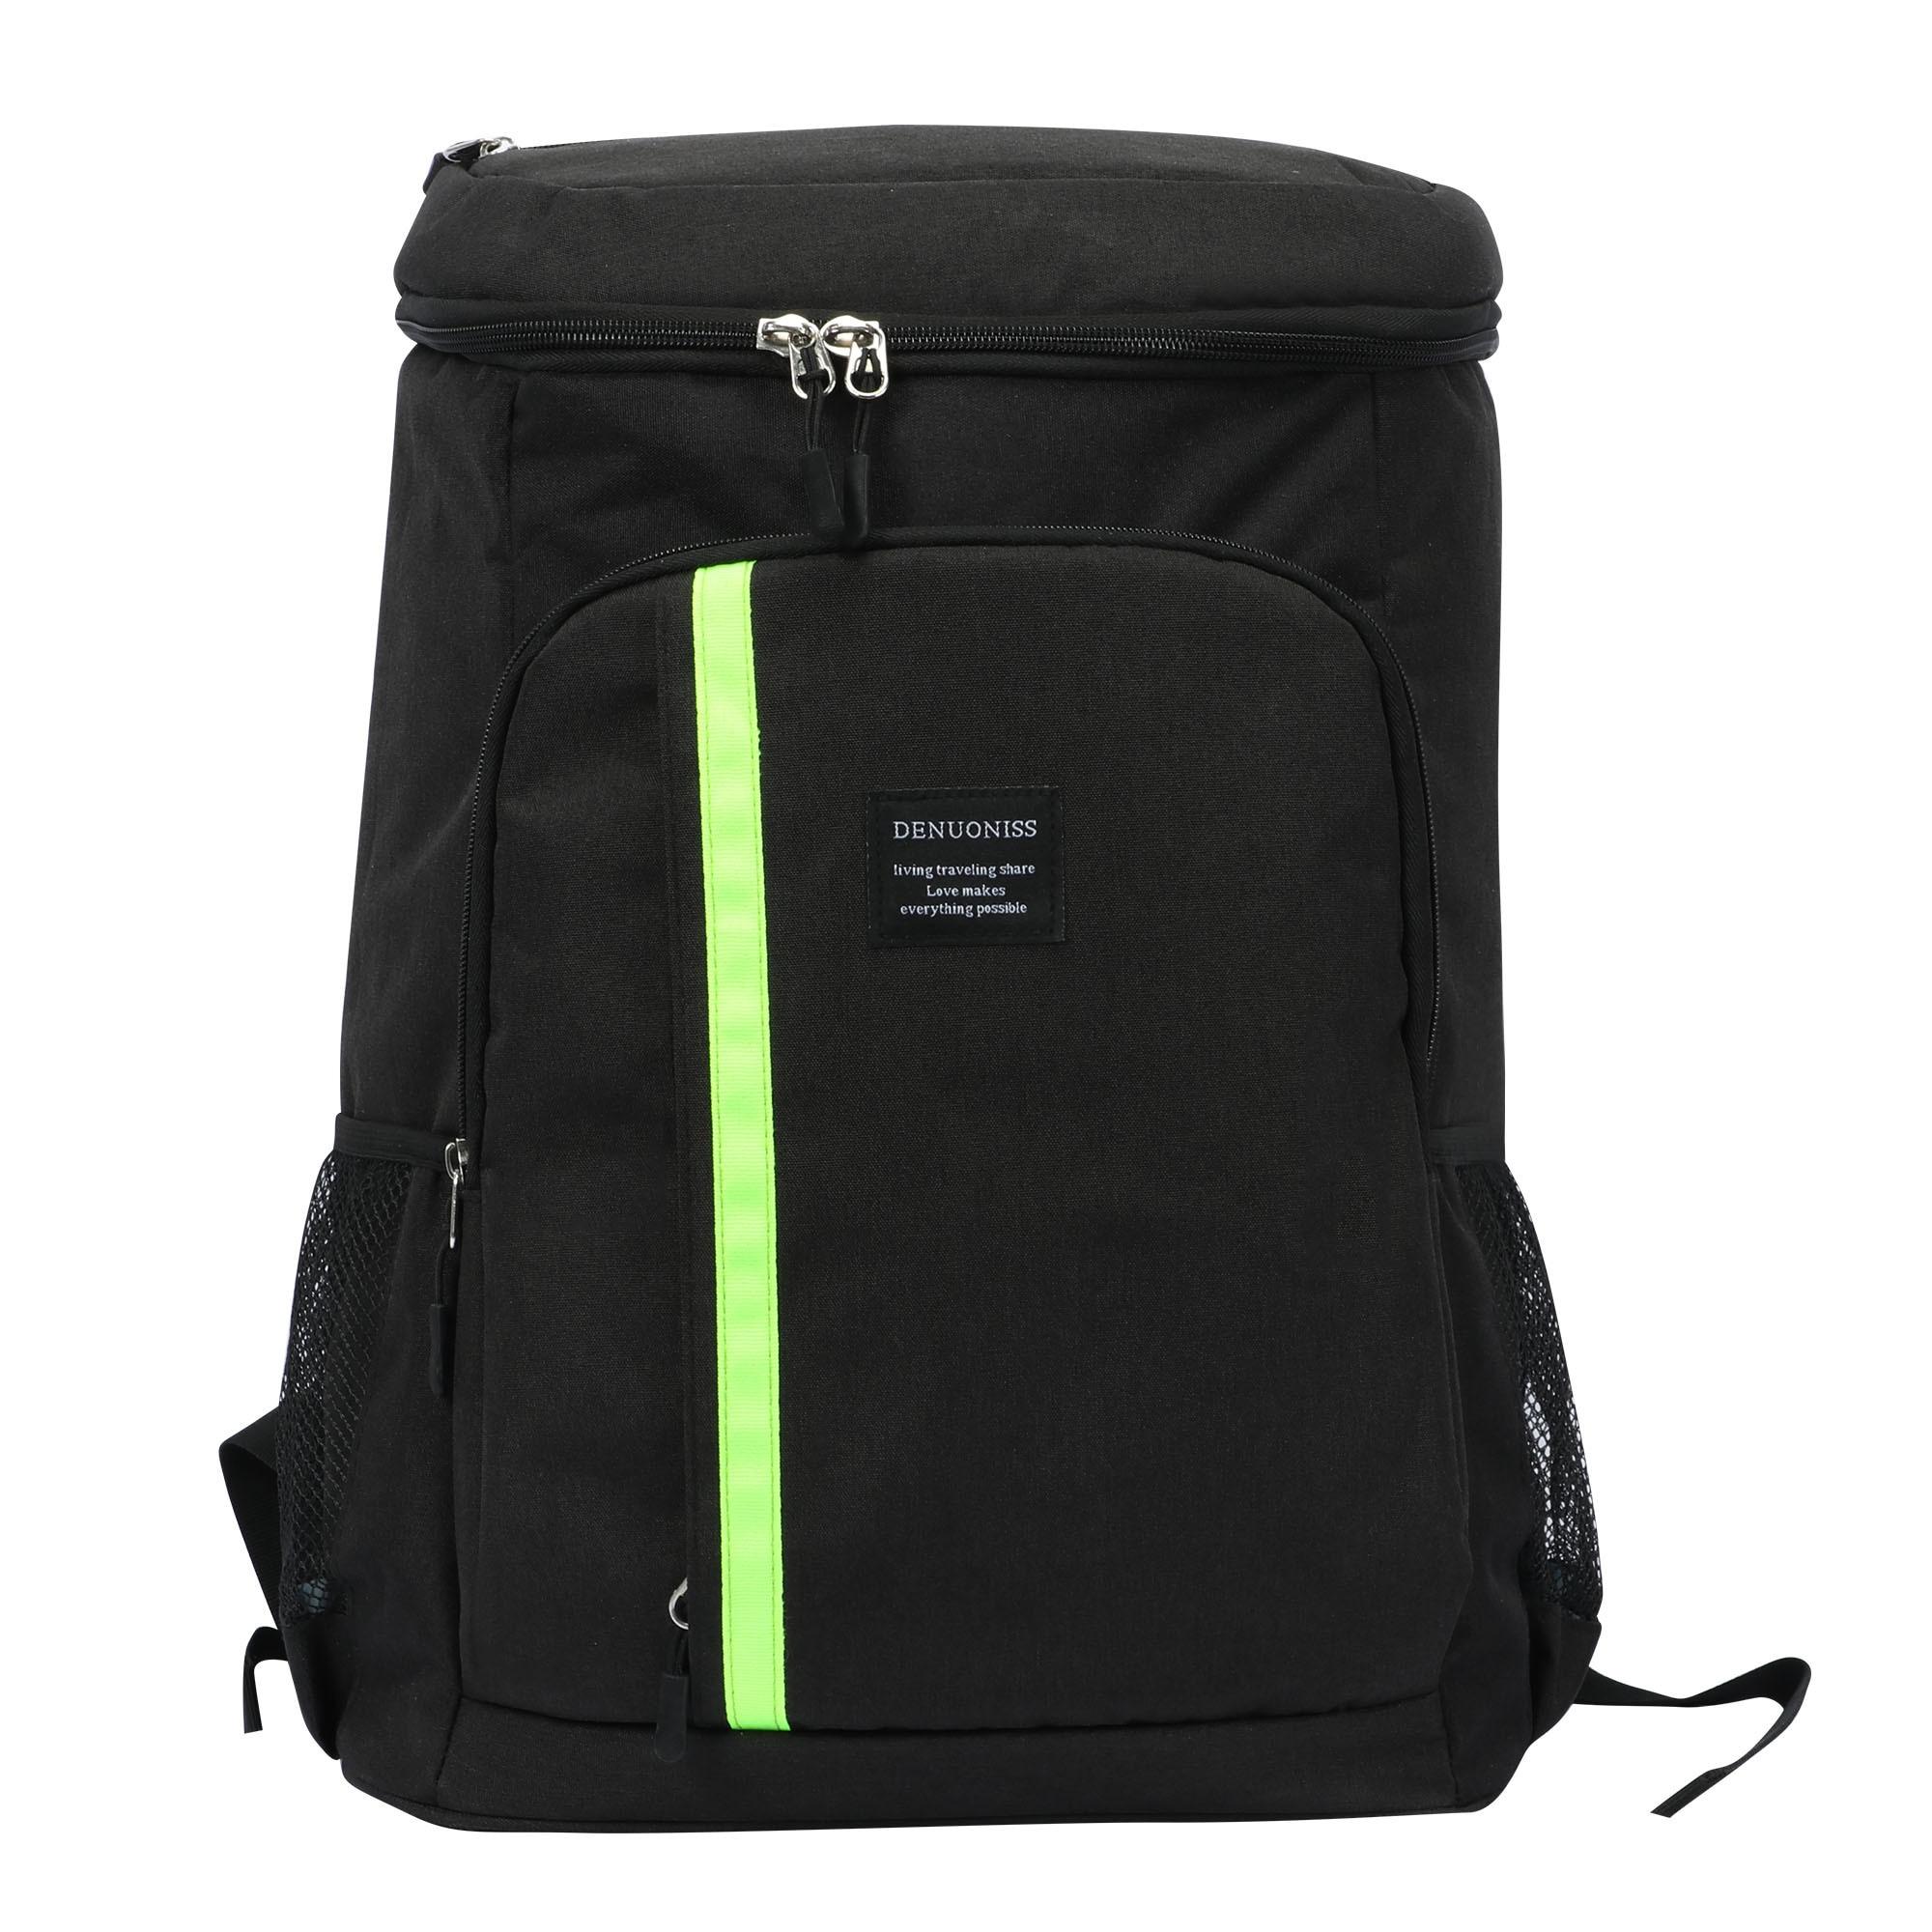 30L Large Storage Cooler Bag Women bag Ice Pack Waterproof Cooler Bag For Beer Insulation Thermal Bag  With bottle Opener